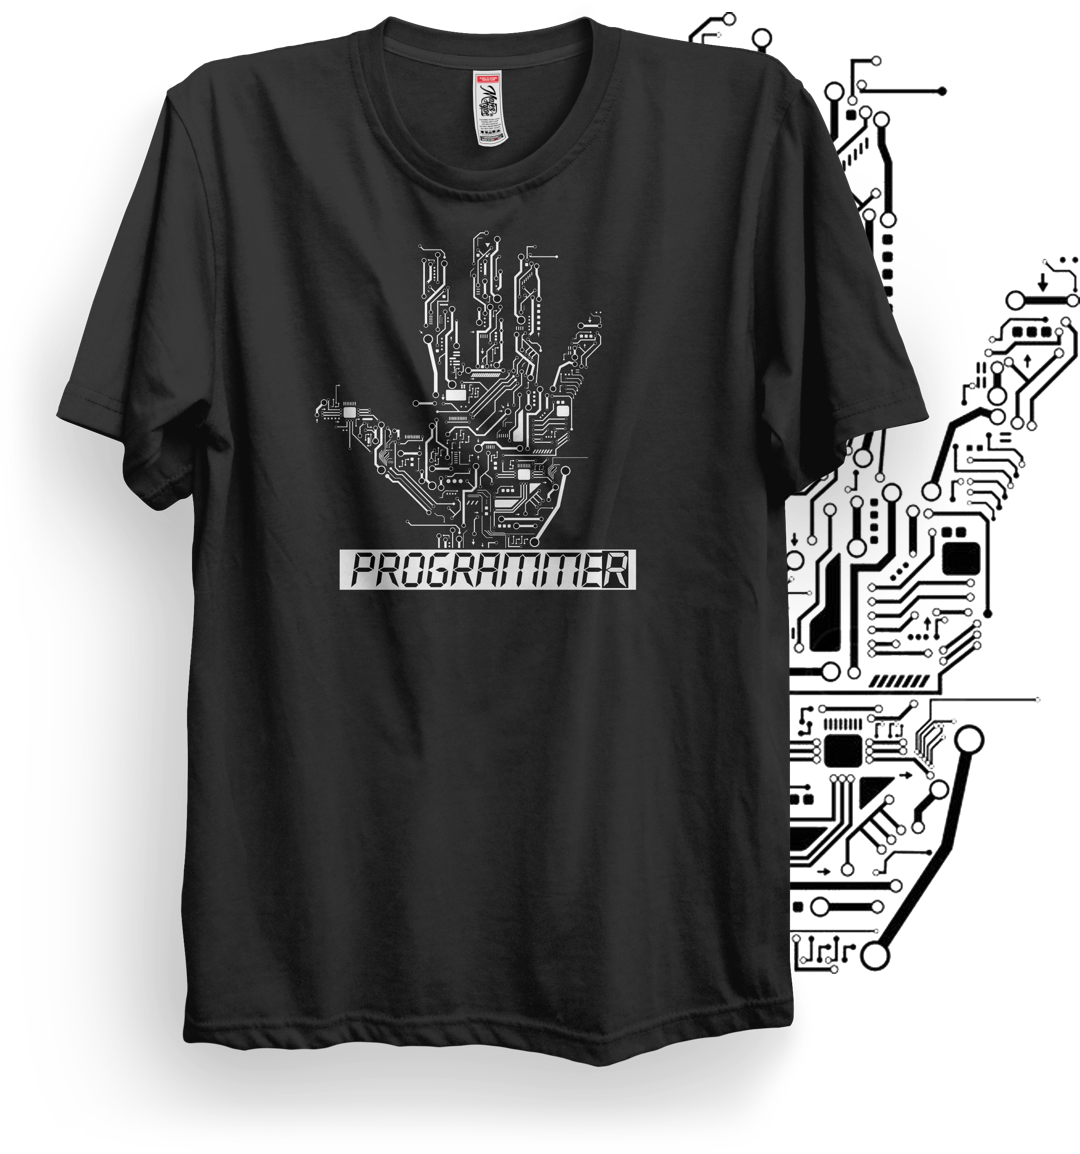 Deluxe t-shirt design